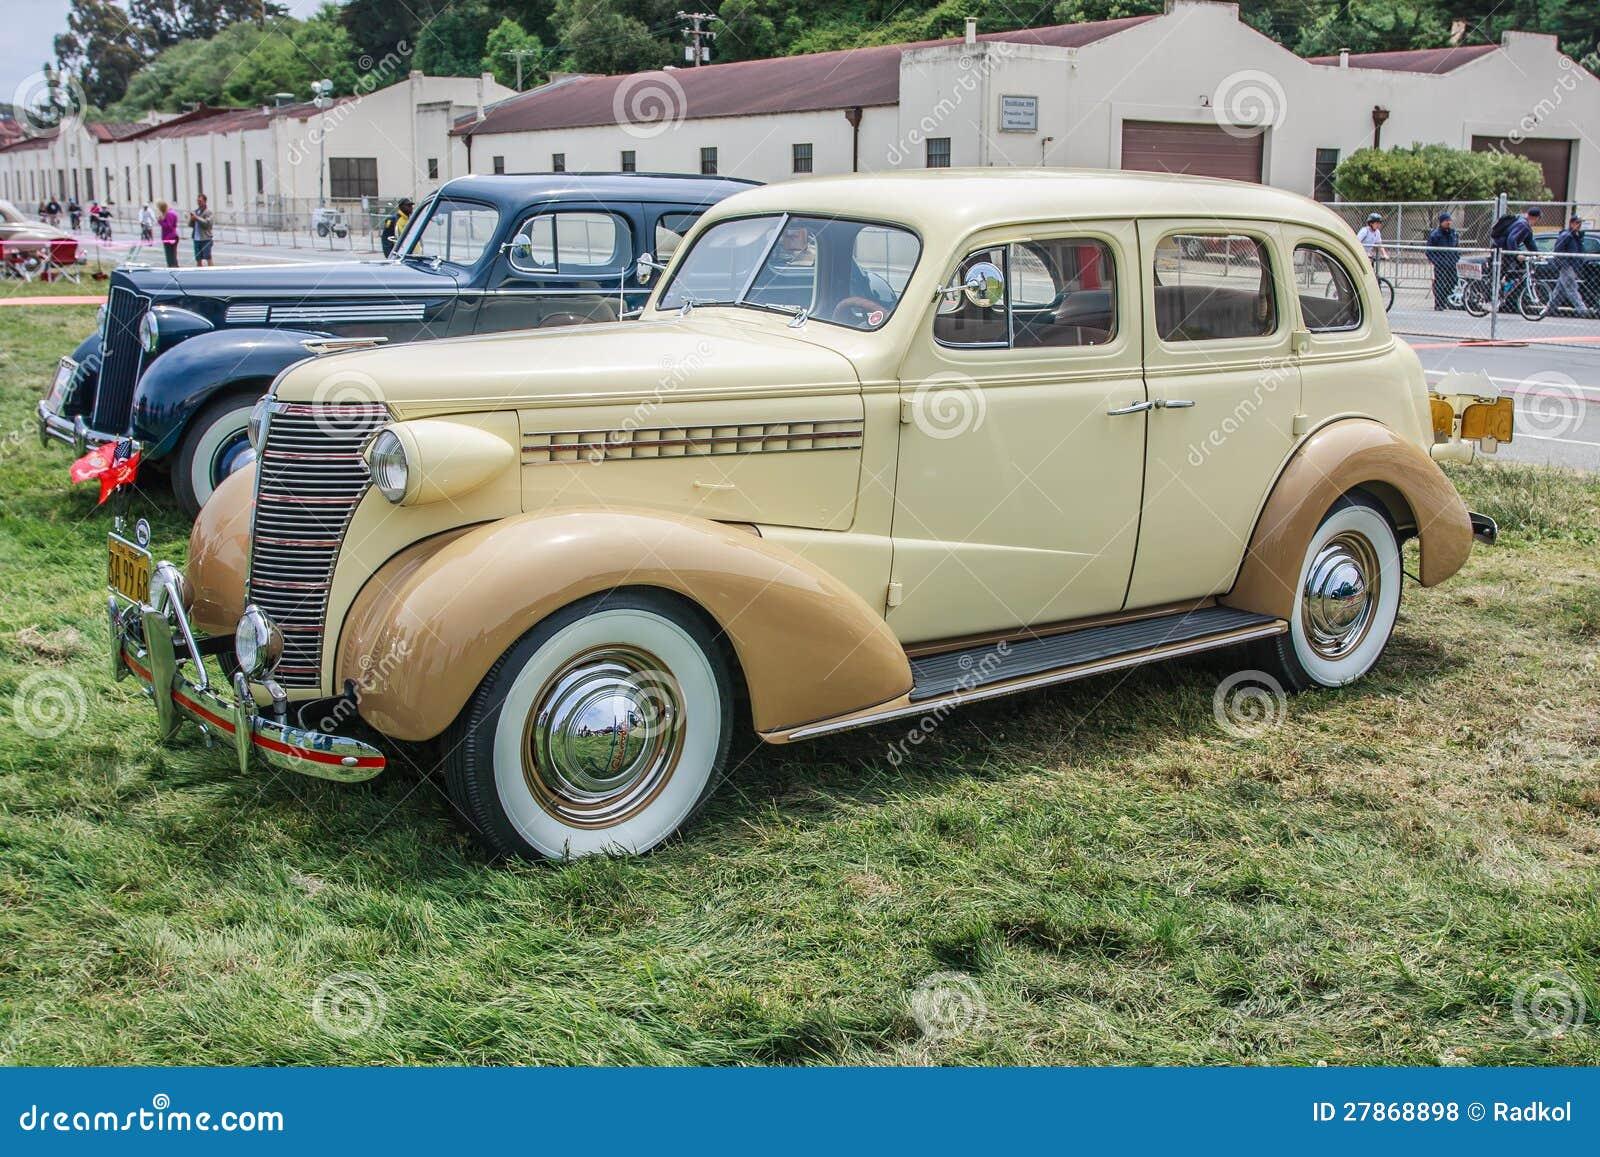 1938 chevrolet 4 door sedan editorial stock photo image for 1938 chevy 4 door